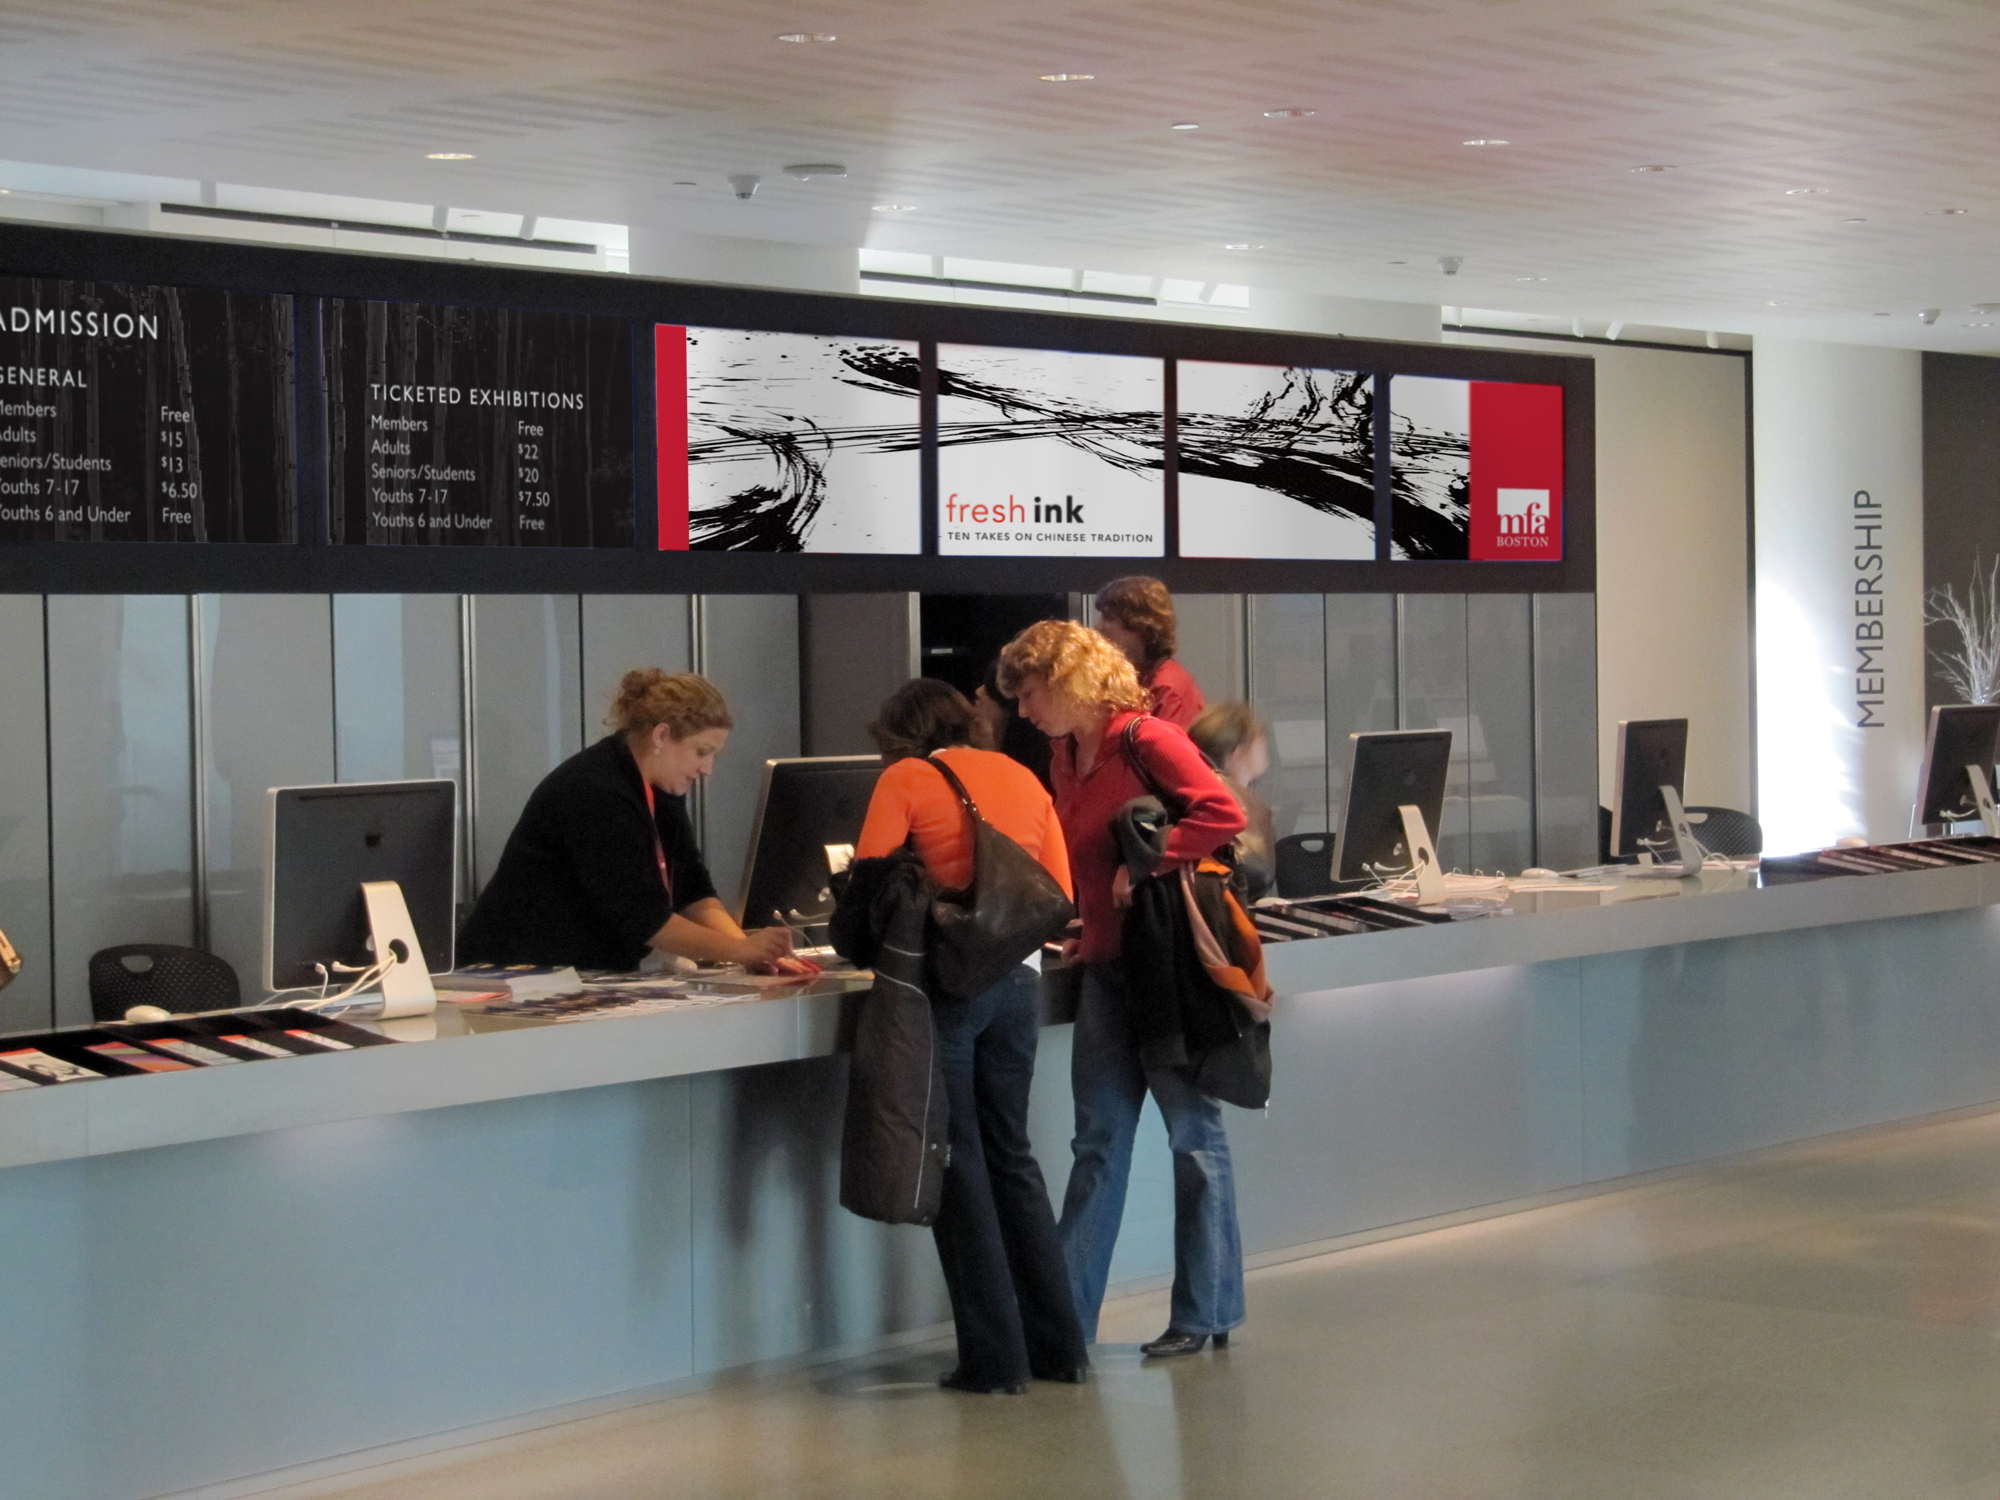 Reception_Area-desk.jpg